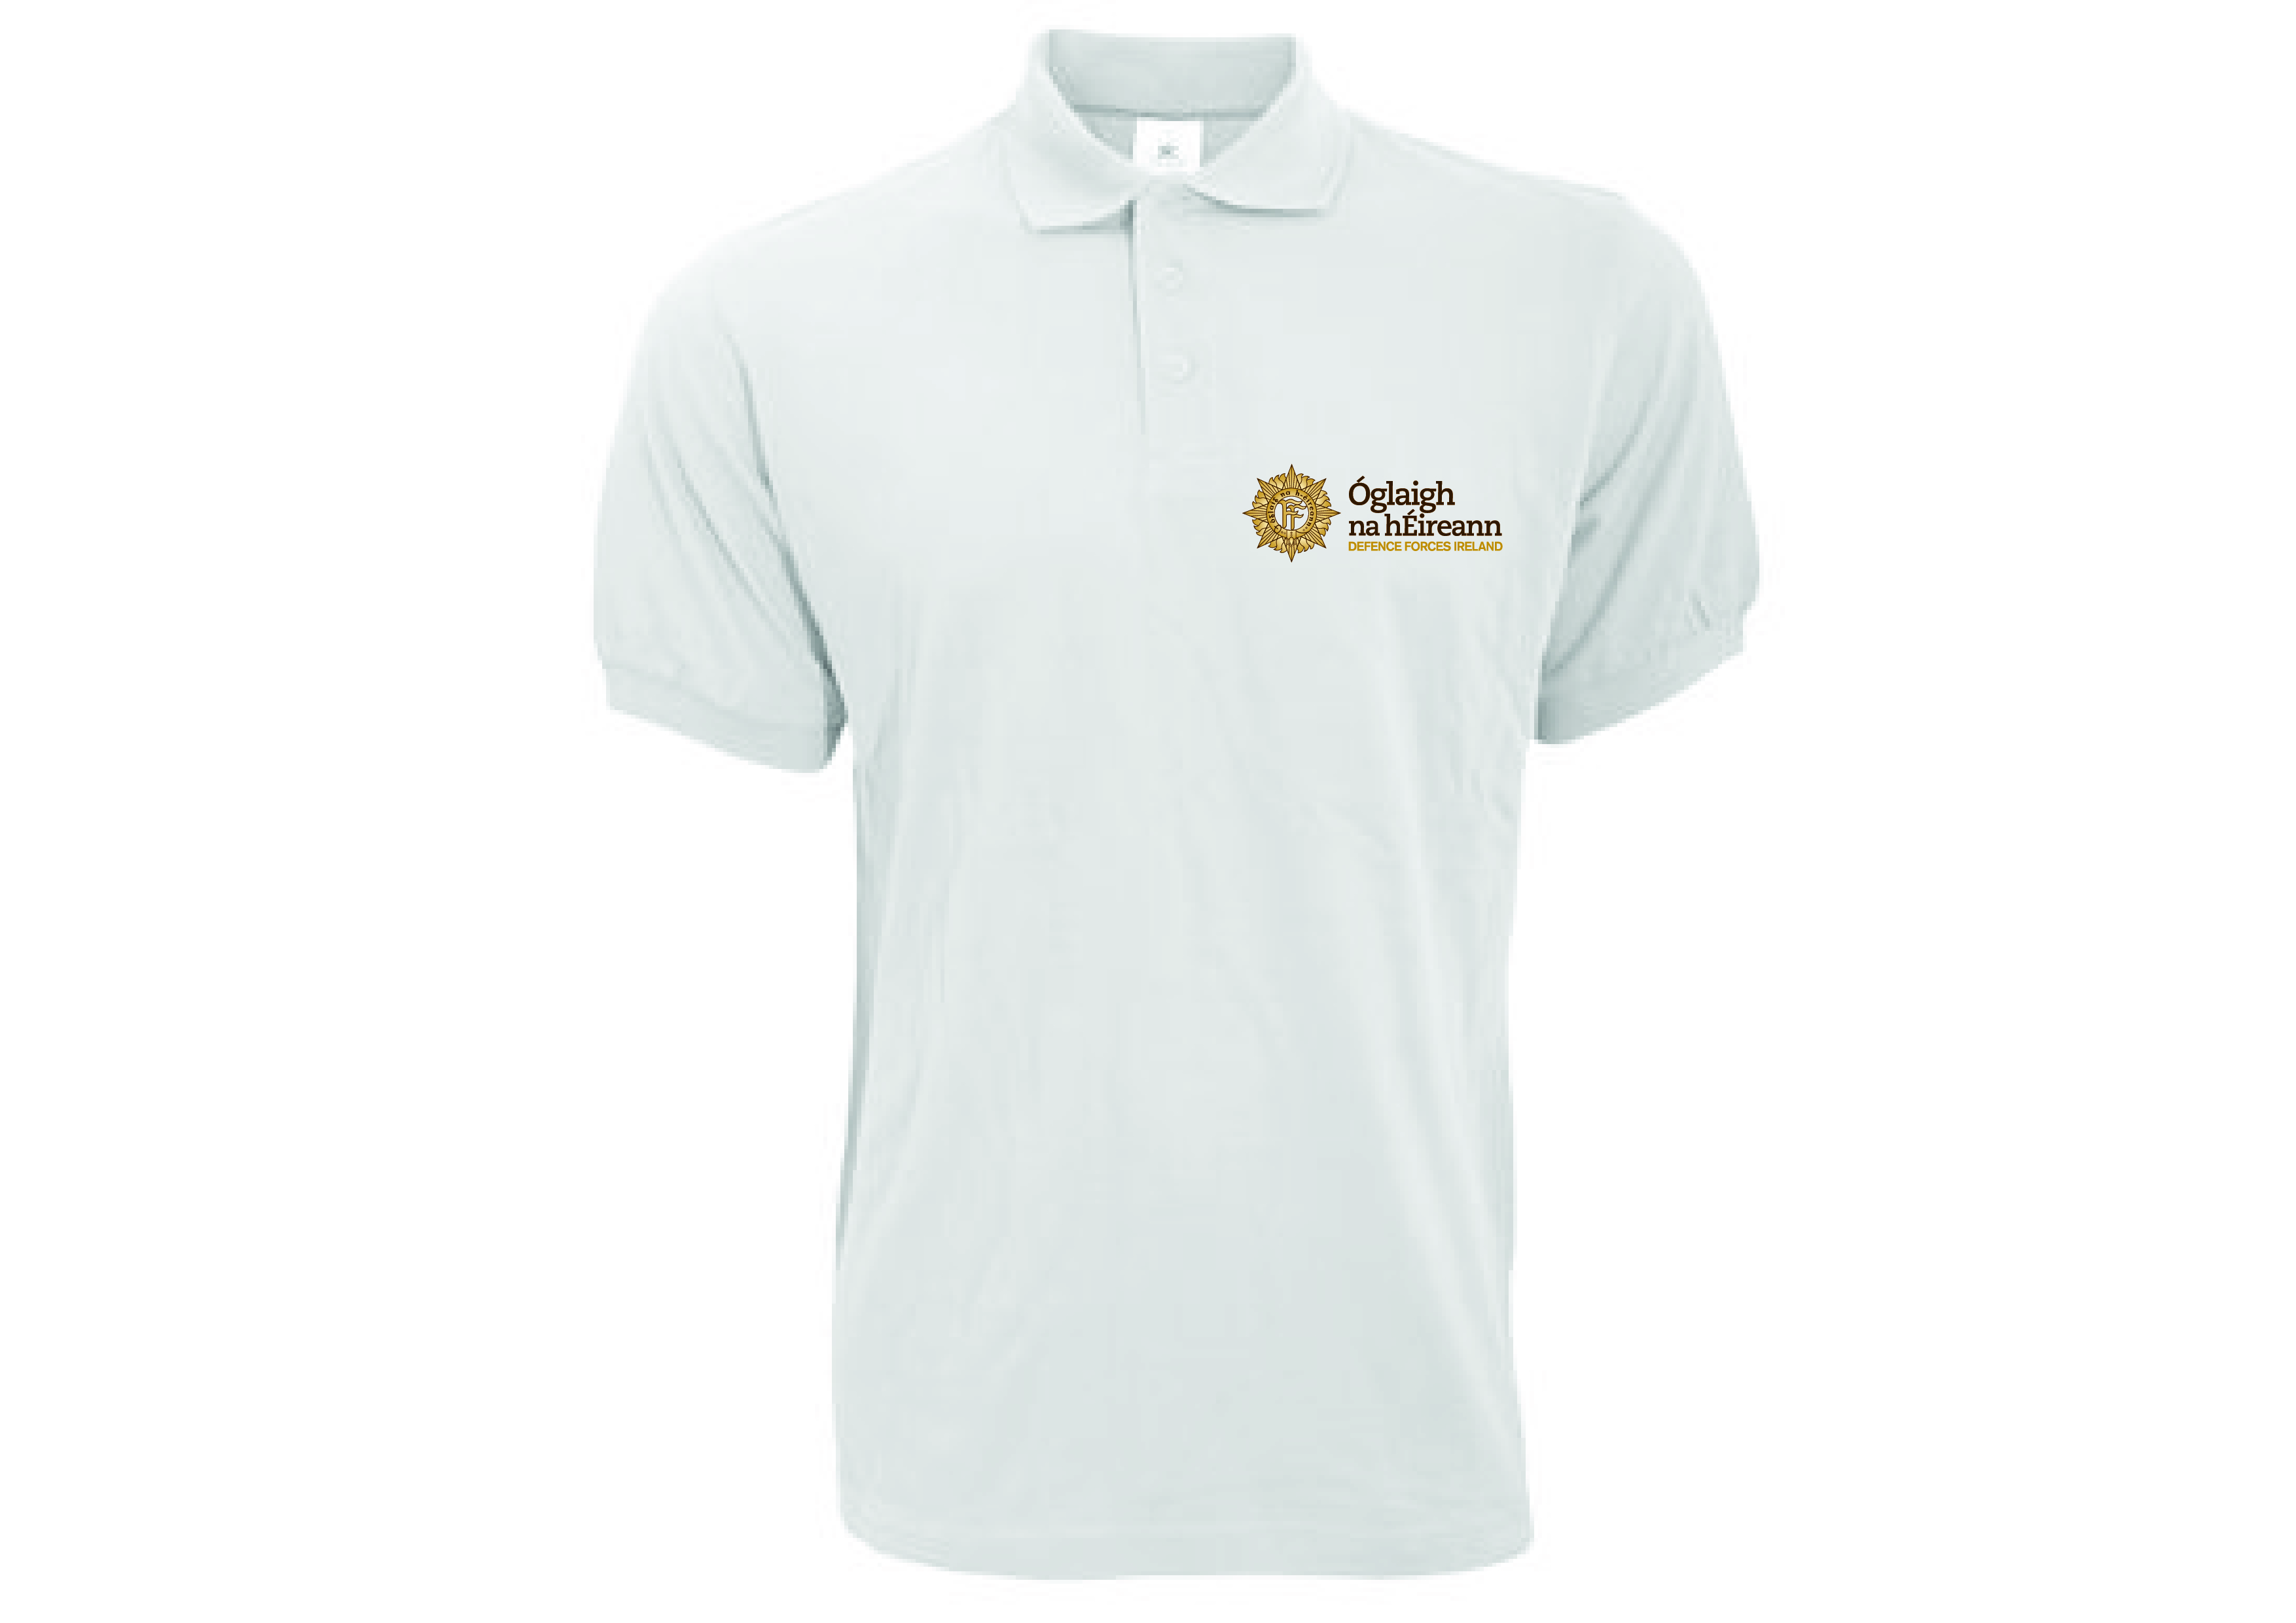 Óglaigh na hÉireann Polo Shirt